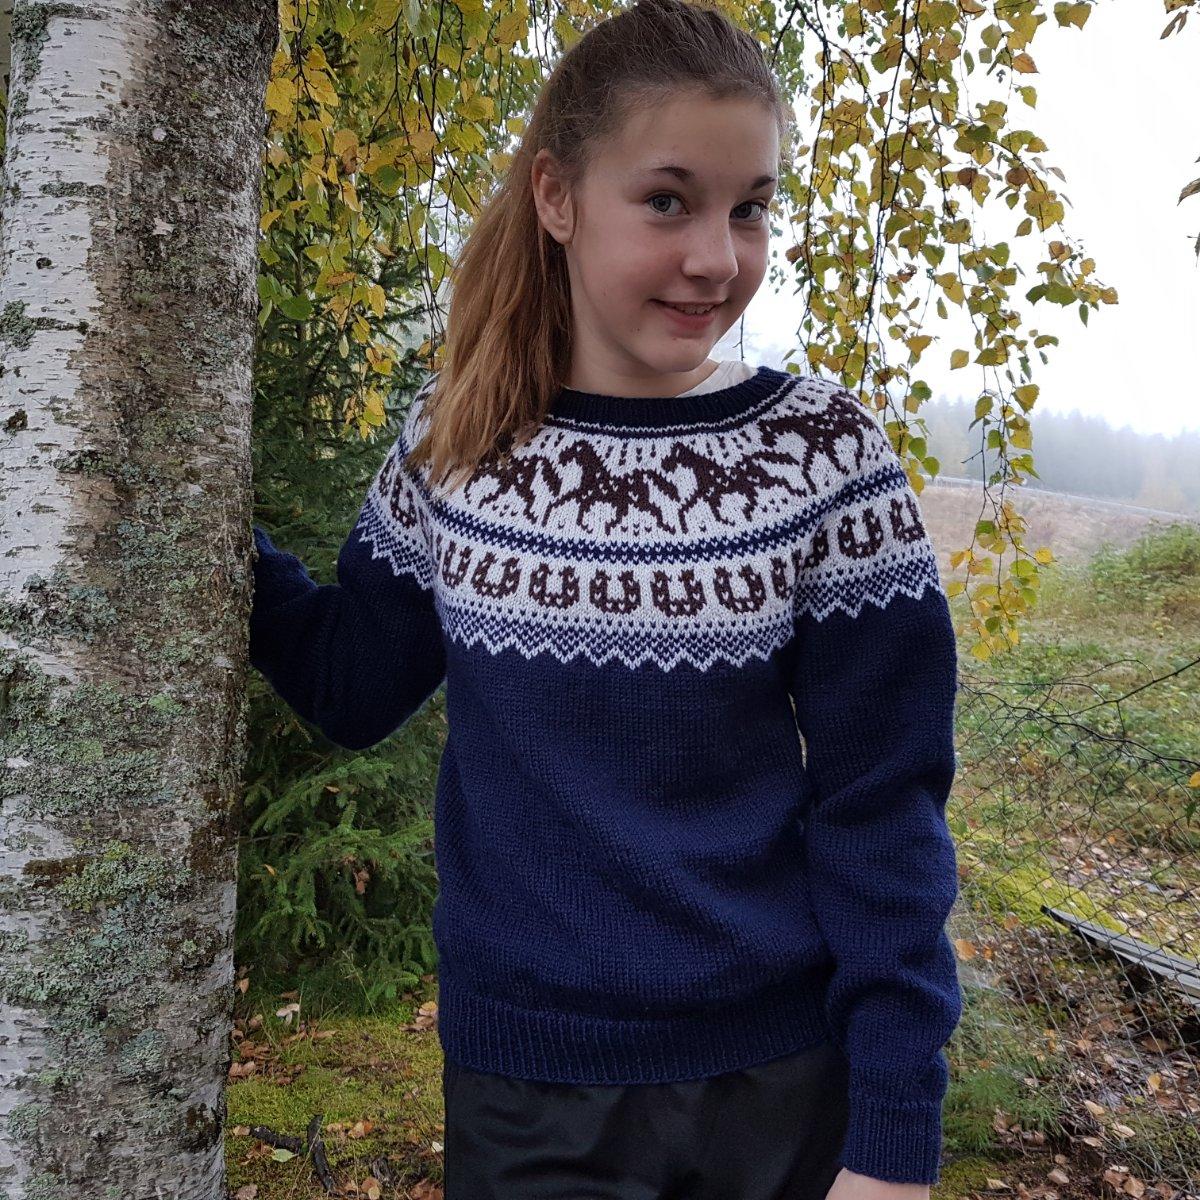 oppskrift på strikke genser med hest